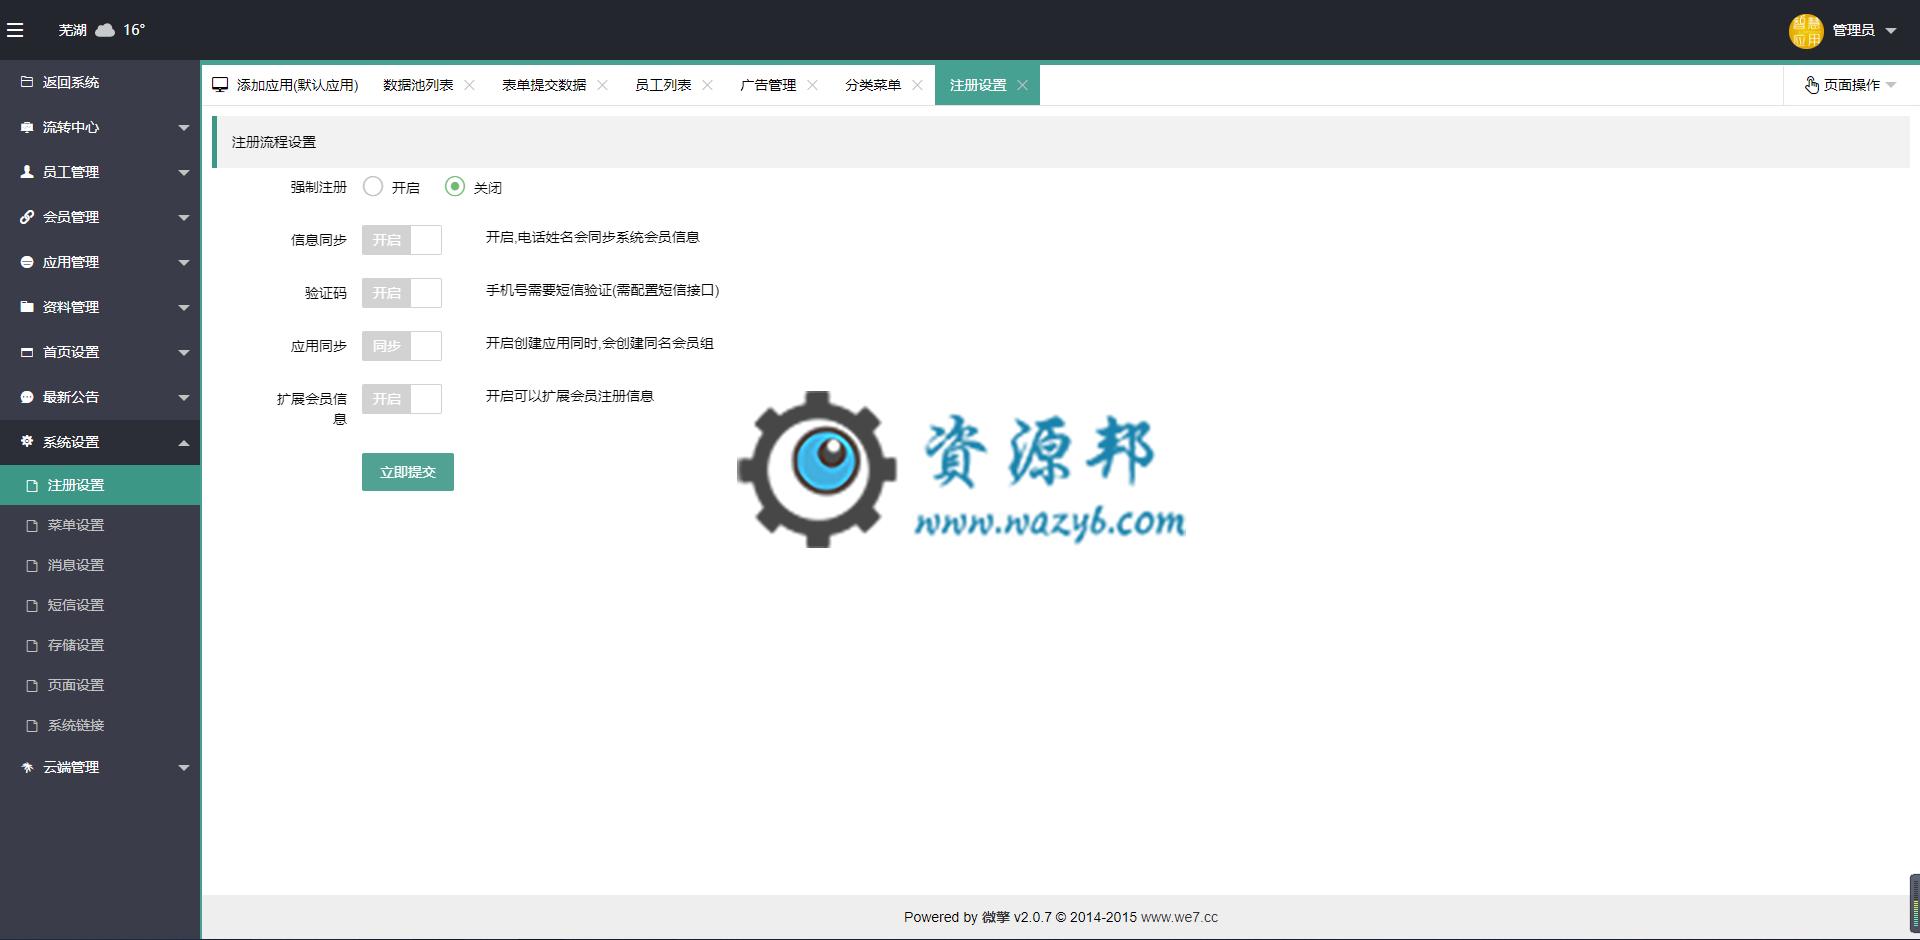 【公众号应用】智慧表单流程V8.0.0正版源码打包,增强主题功能,所有页面图标全部换成字体图标,可以随主题改变颜色 公众号应用 第3张